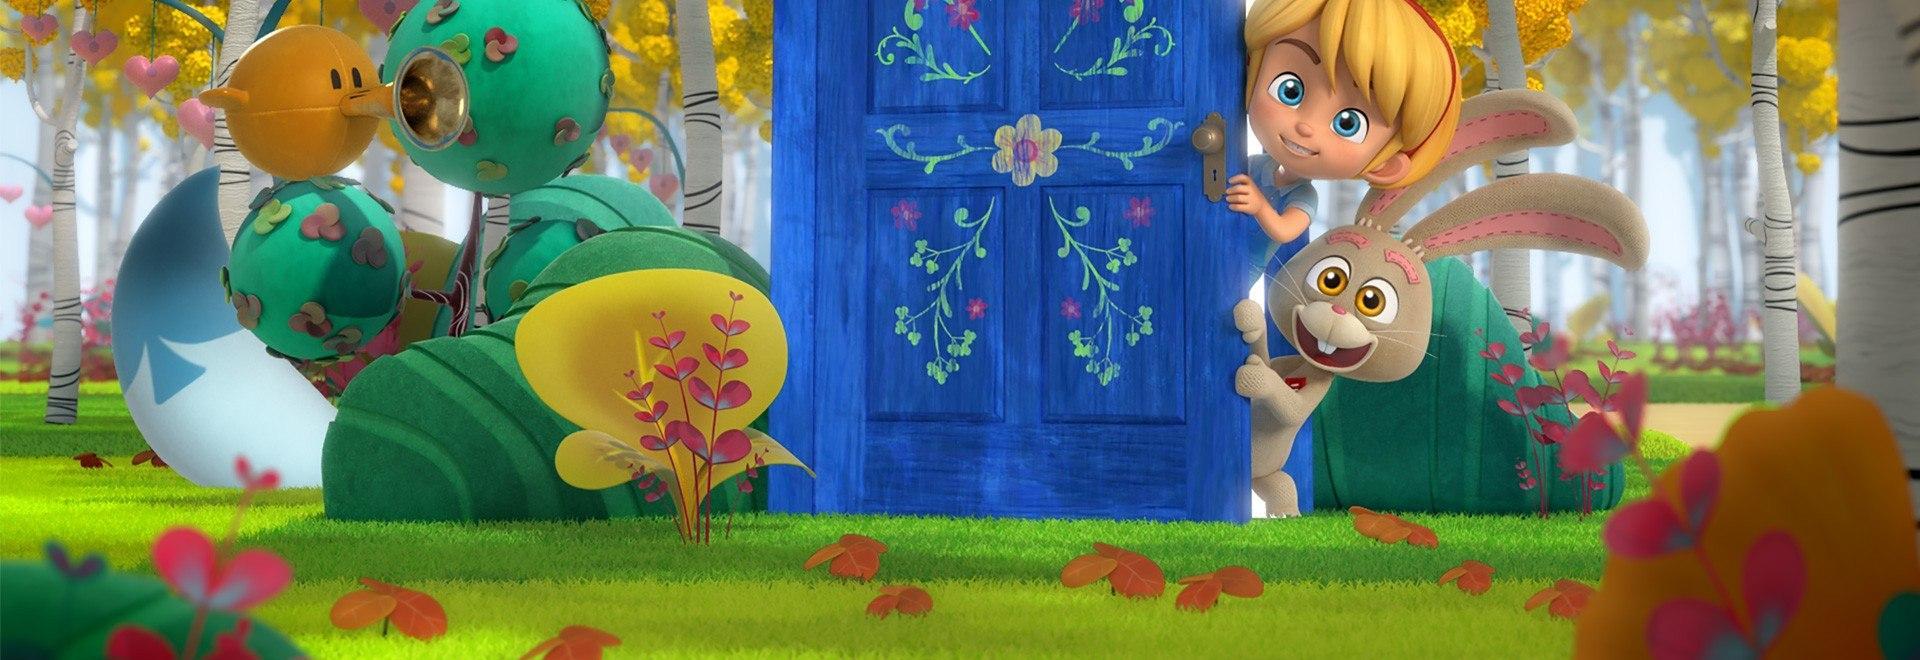 L'invitato in miniatura